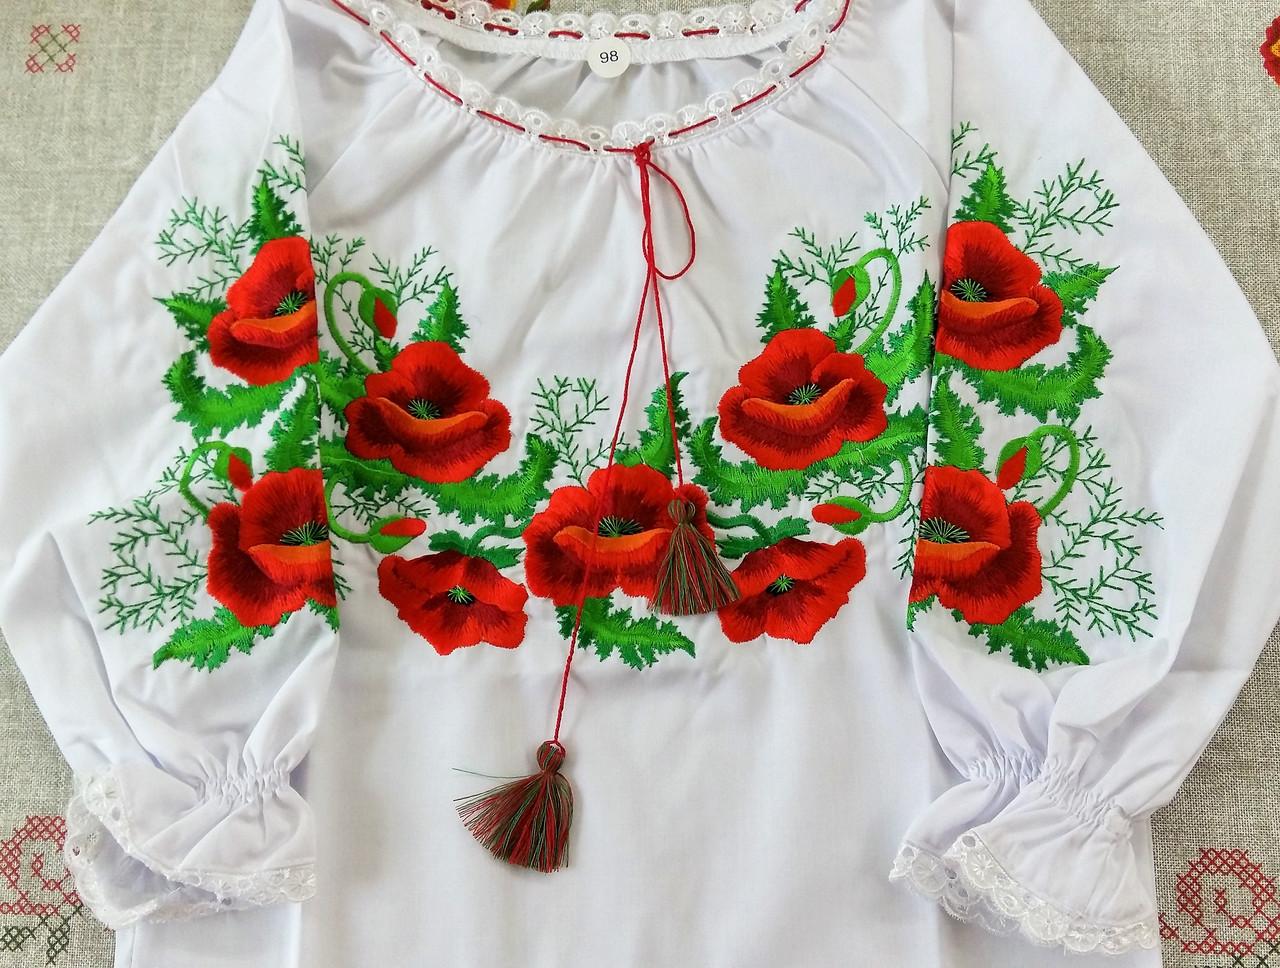 Вышиванка для Девочки ( Машинная Вышивка) — в Категории